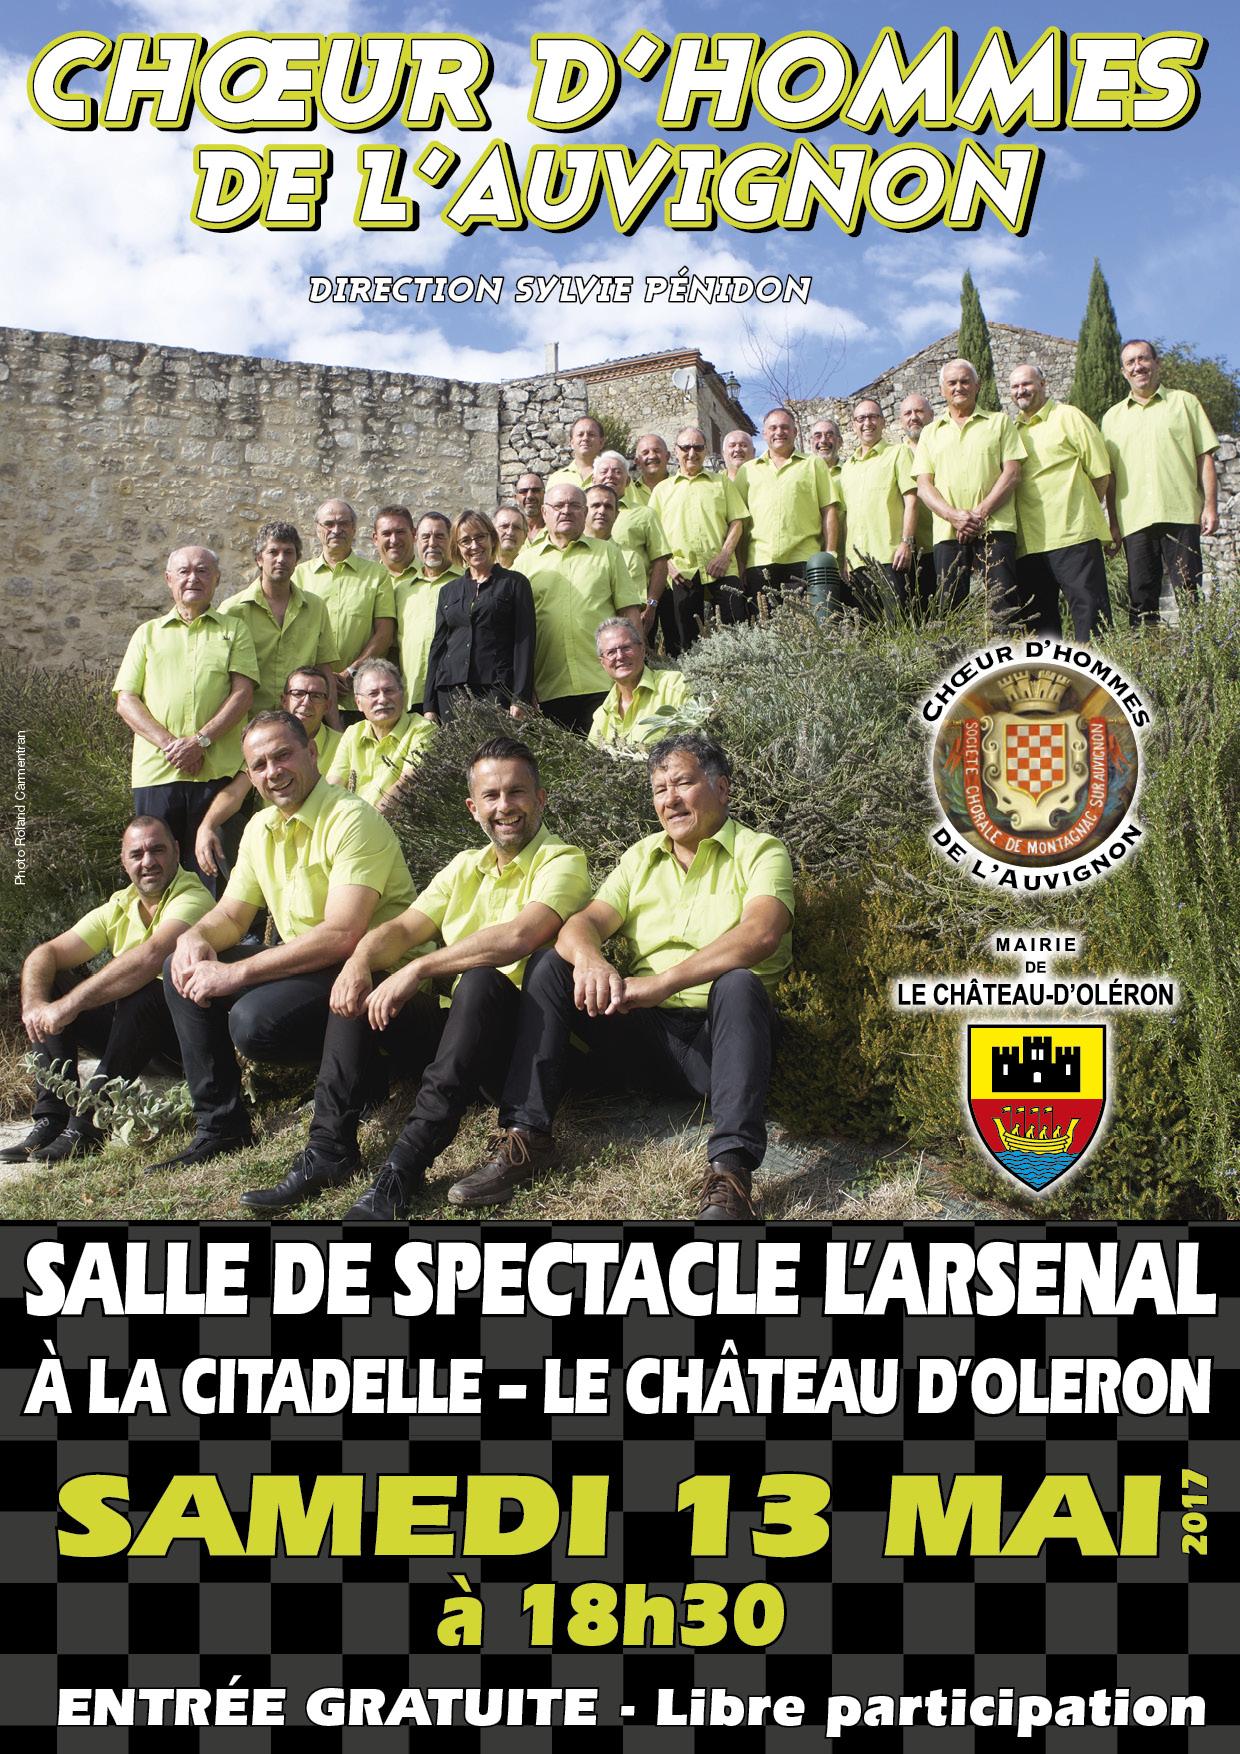 Concert Choeur d'Hommes de l'Auvignon - 13 mai à 20h30